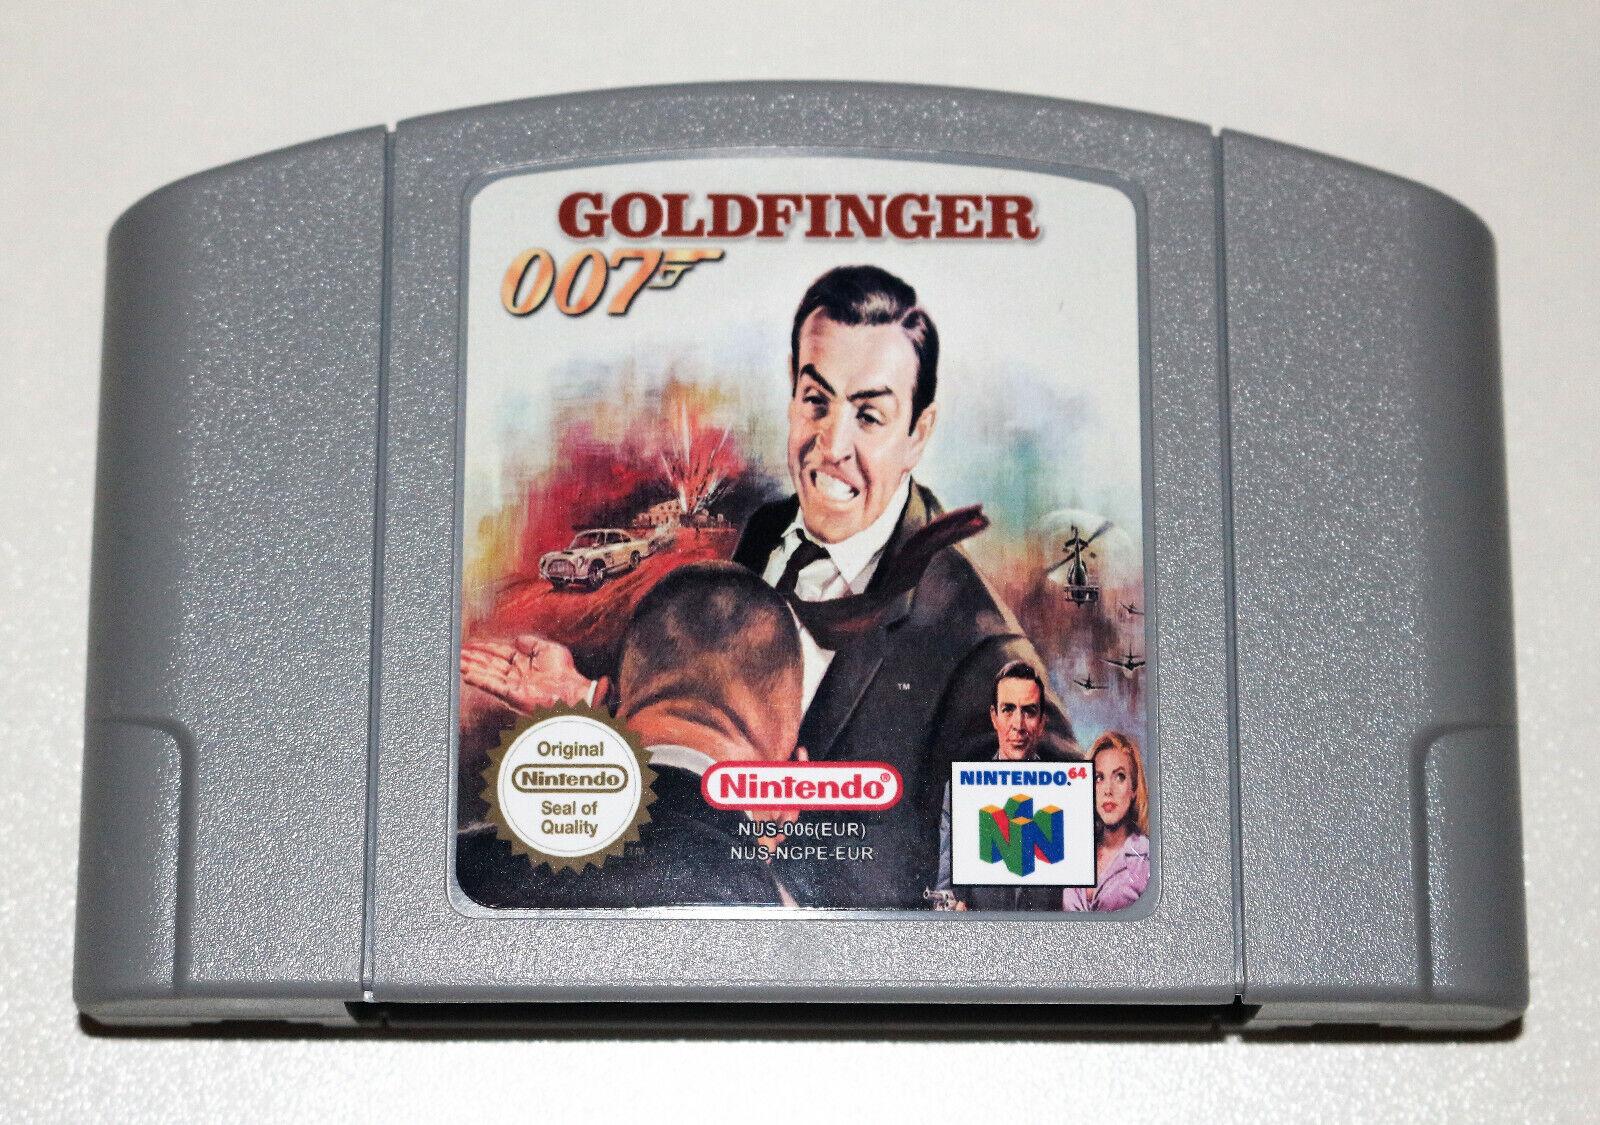 *PAL Version* 007 GOLDFINGER 64 Game For Nintendo 64 N64 Goldeneye Golden Eye